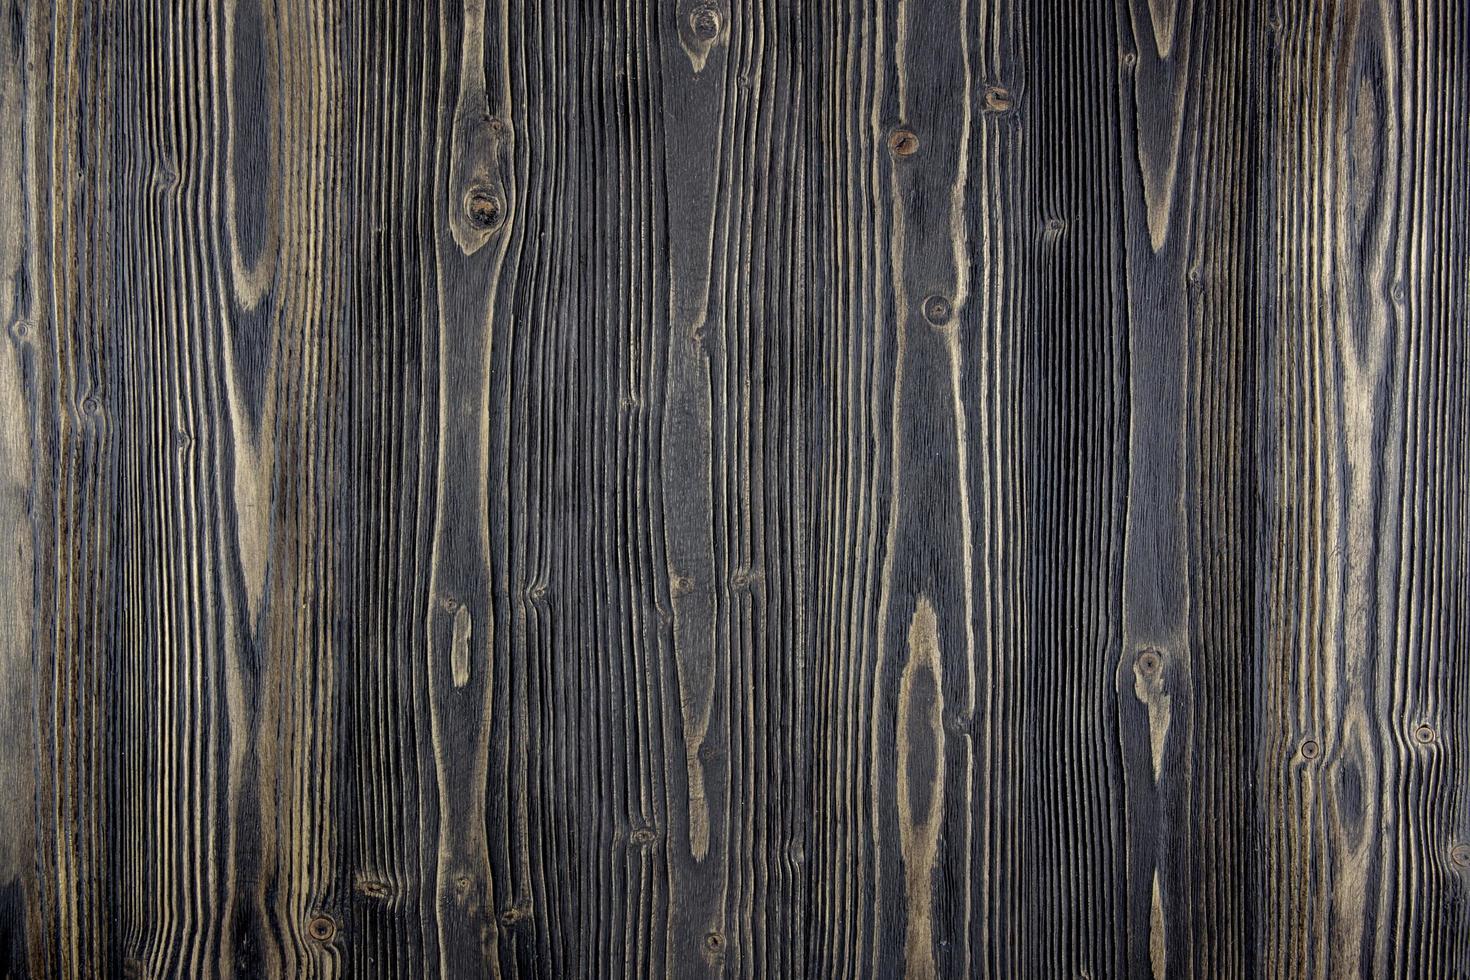 surface de table en bois foncé photo